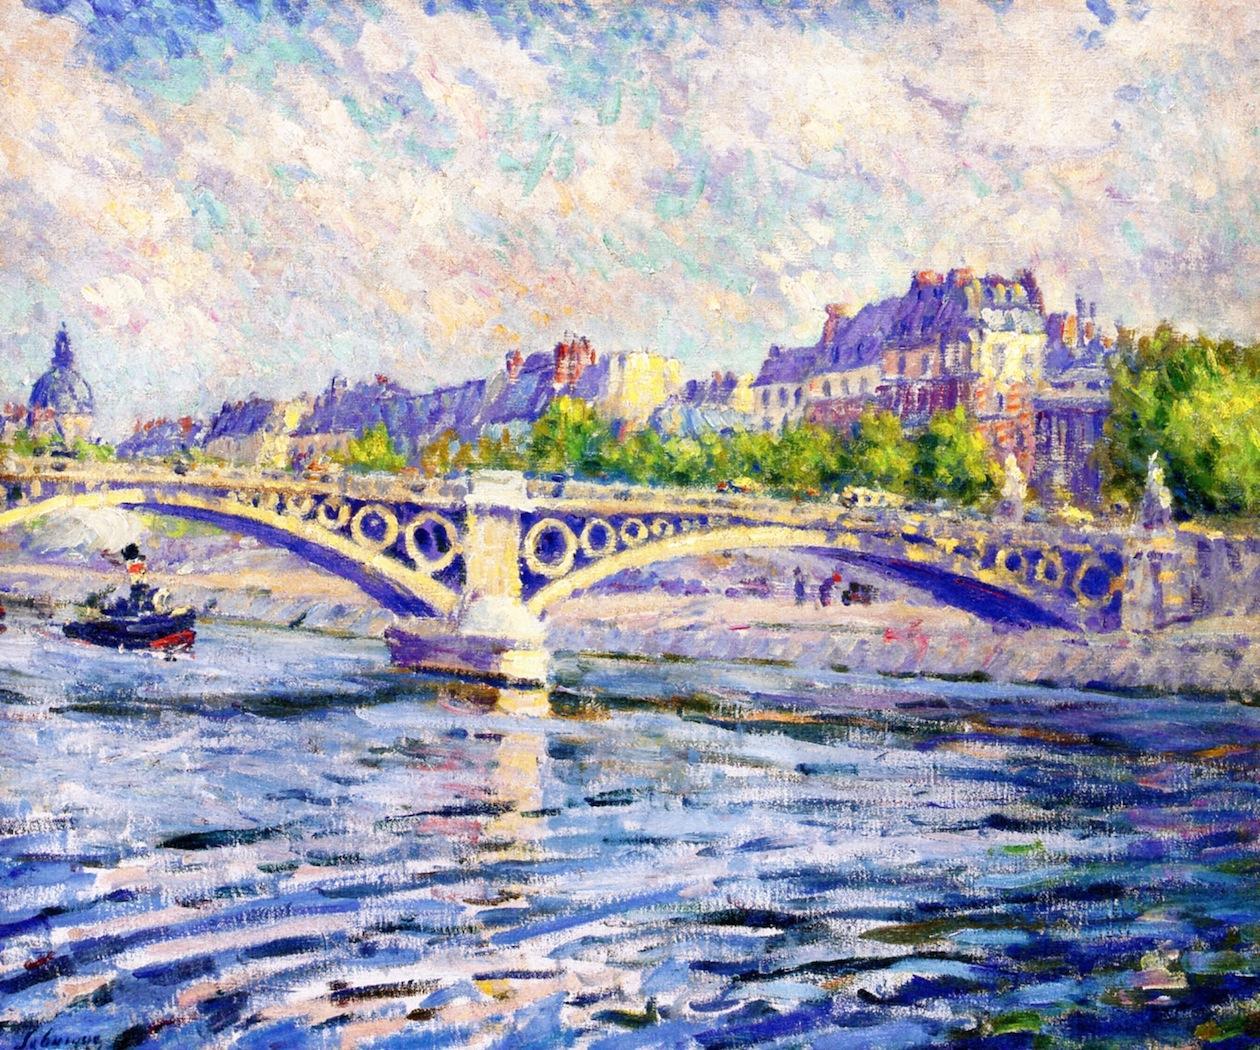 Paris, Tugboat on the Seine